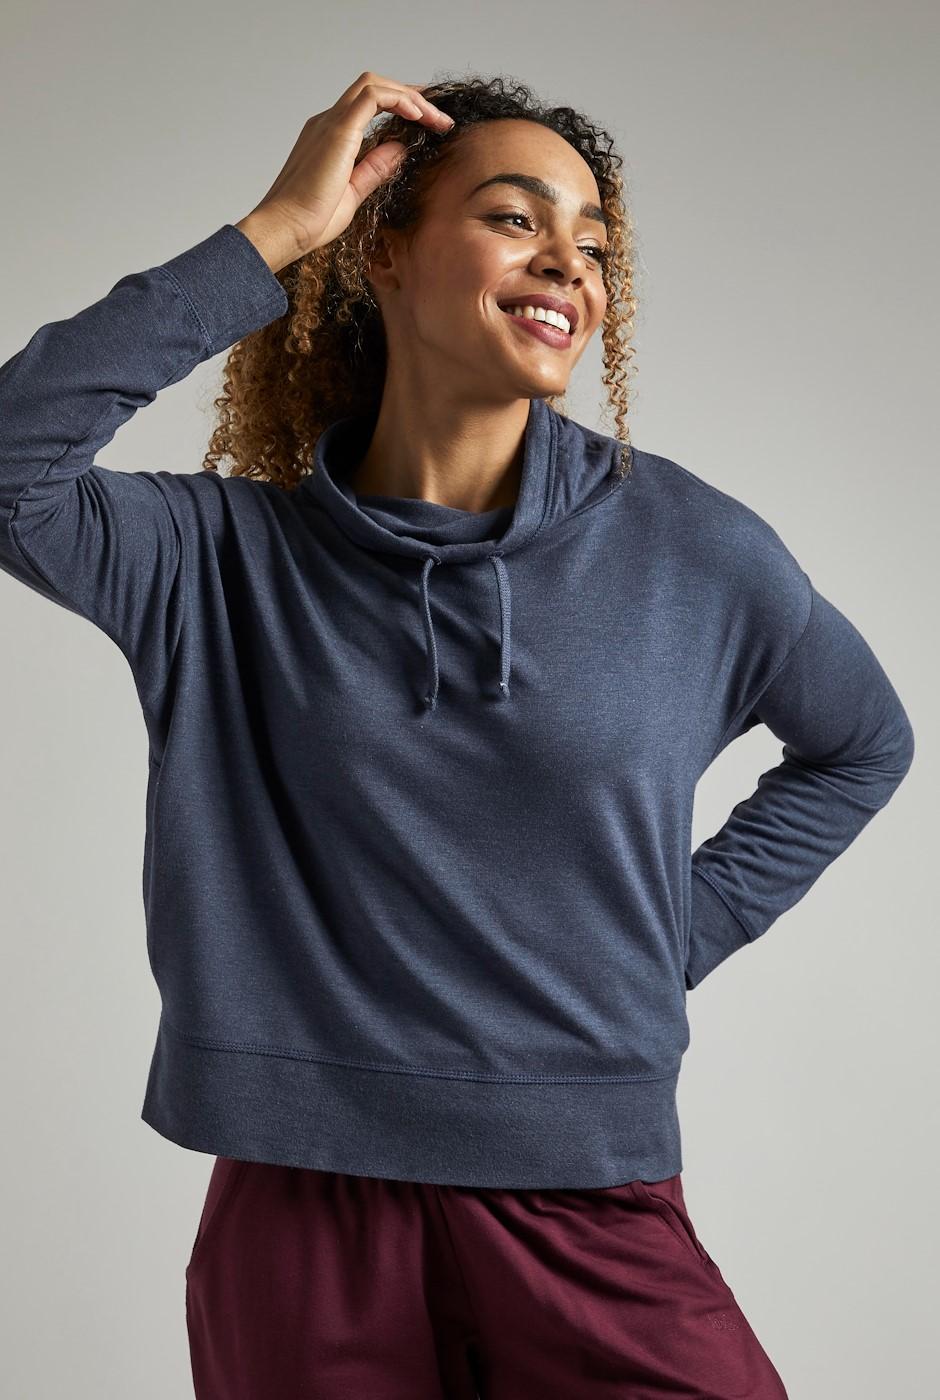 Indria Bamboo Cropped Cowel Sweatshirt Navy Marl